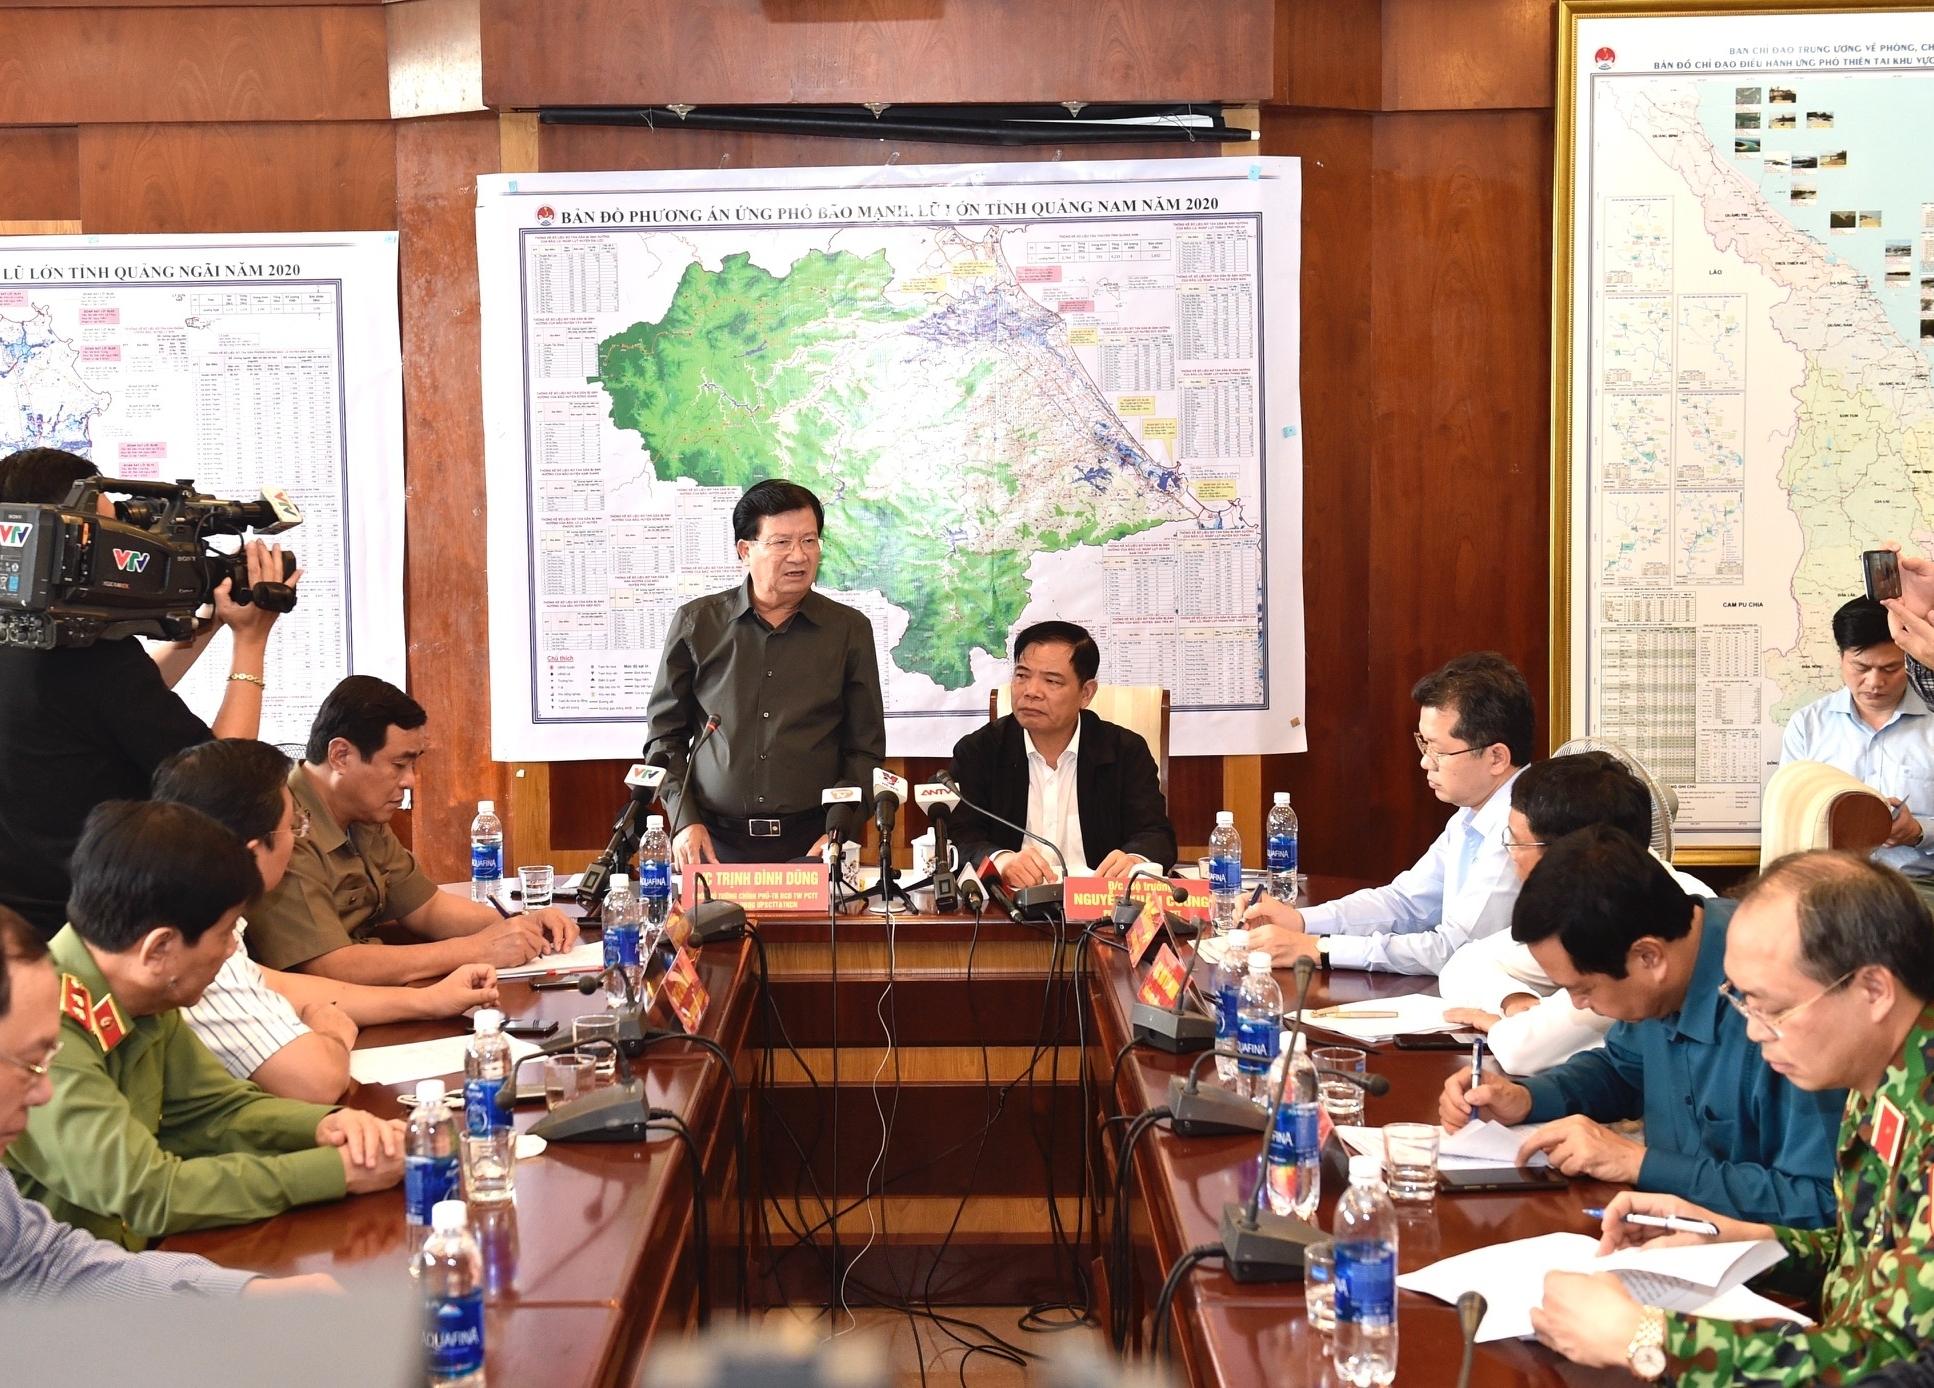 Bão số 9 cách Phú Yên 450km, Phó Thủ tướng Trịnh Đình Dũng chỉ đạo ứng phó tại tiền phương